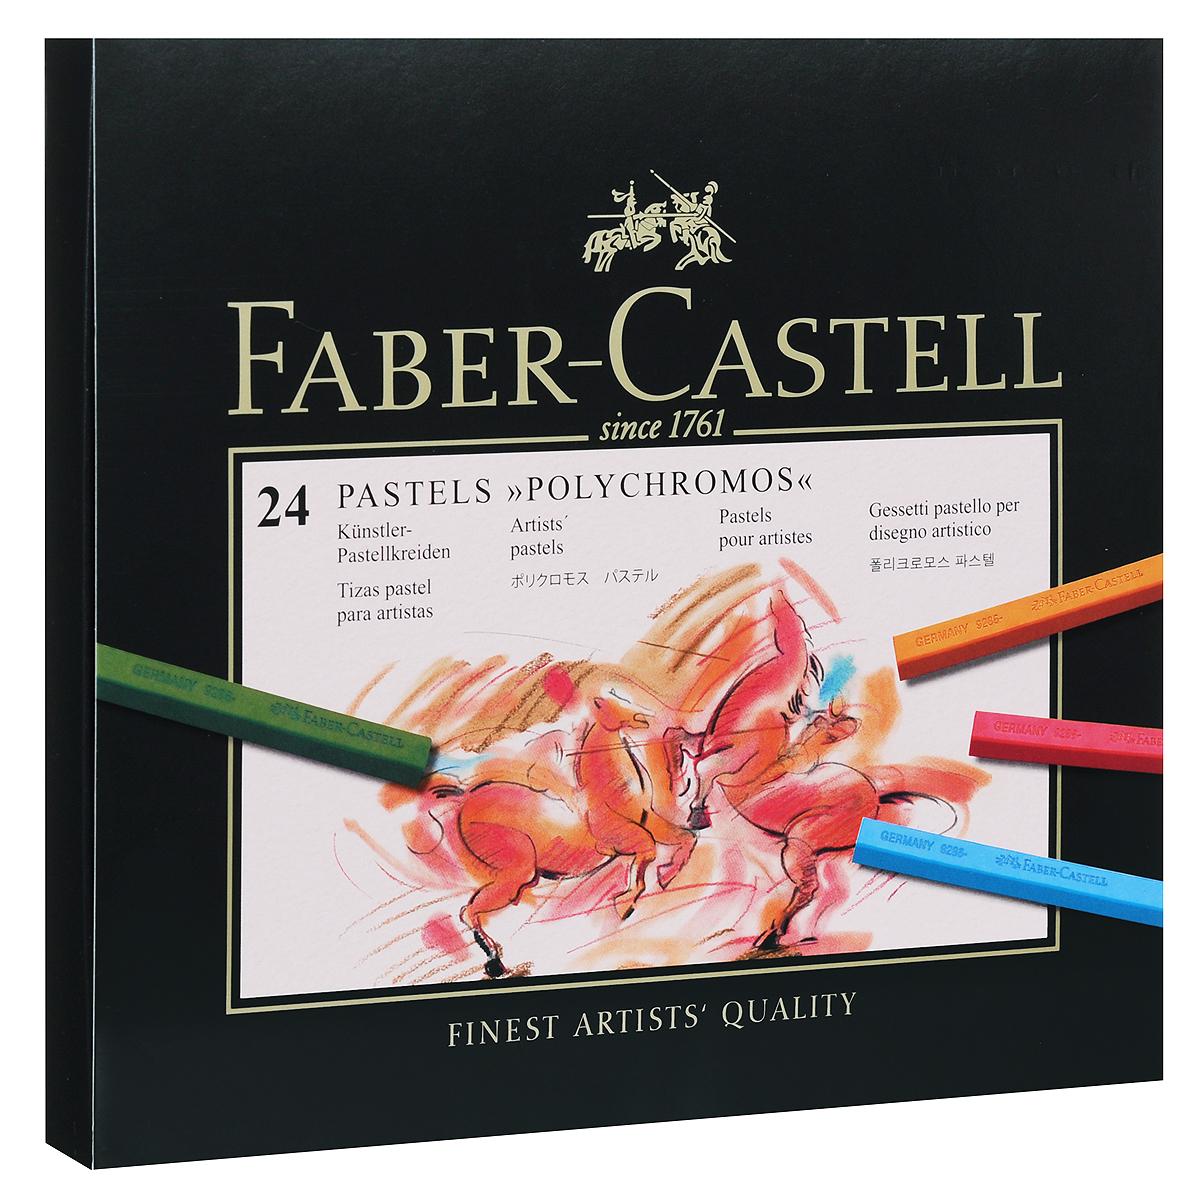 Пастель Faber-Castell Polychromos, 24 шт128524Набор Faber-Castell Polychromos содержит пастель прямоугольной формы в виде мелков 24 цветов - от ярких активных тонов до приглушенных оттенков. Пастель великолепного качества не крошится при работе, обладает отличными кроющими свойствами, обеспечивает хорошее сцепление с поверхностью, яркость и долговечность изображения. Пастелью Faber-Castell Polychromos можно рисовать в любой технике, сочетая ее с цветными карандашами и красками.